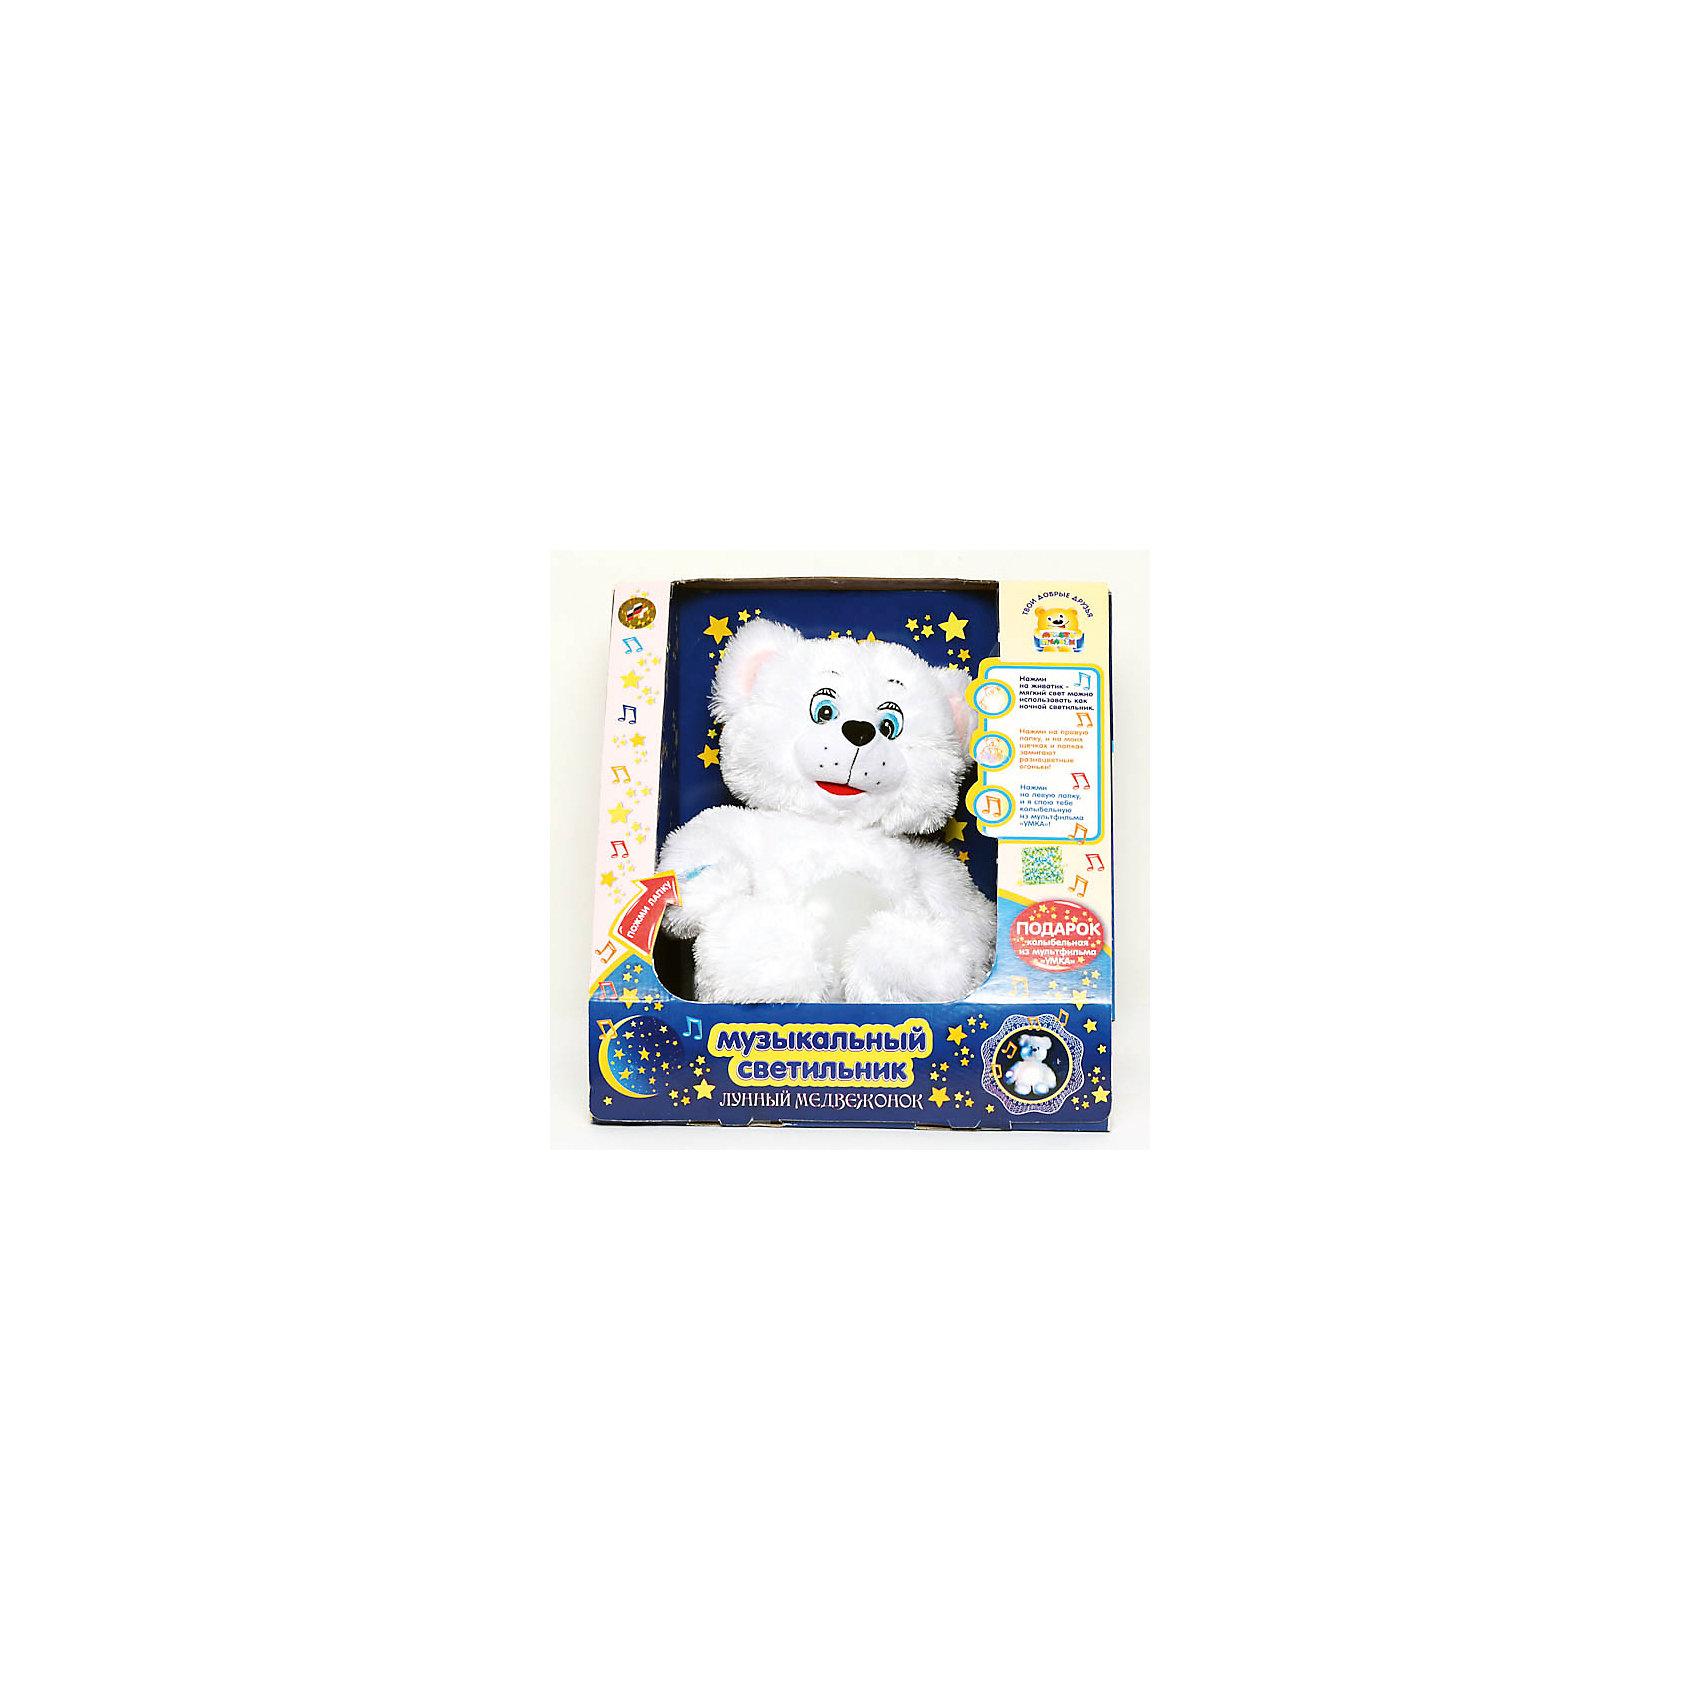 МУЛЬТИ-ПУЛЬТИ Мягкая игрушка-cветильник Лунный мишка, 38 см, со звуком, МУЛЬТИ-ПУЛЬТИ мульти пульти мягкая игрушка серый мышонок 23 см со звуком кот леопольд мульти пульти